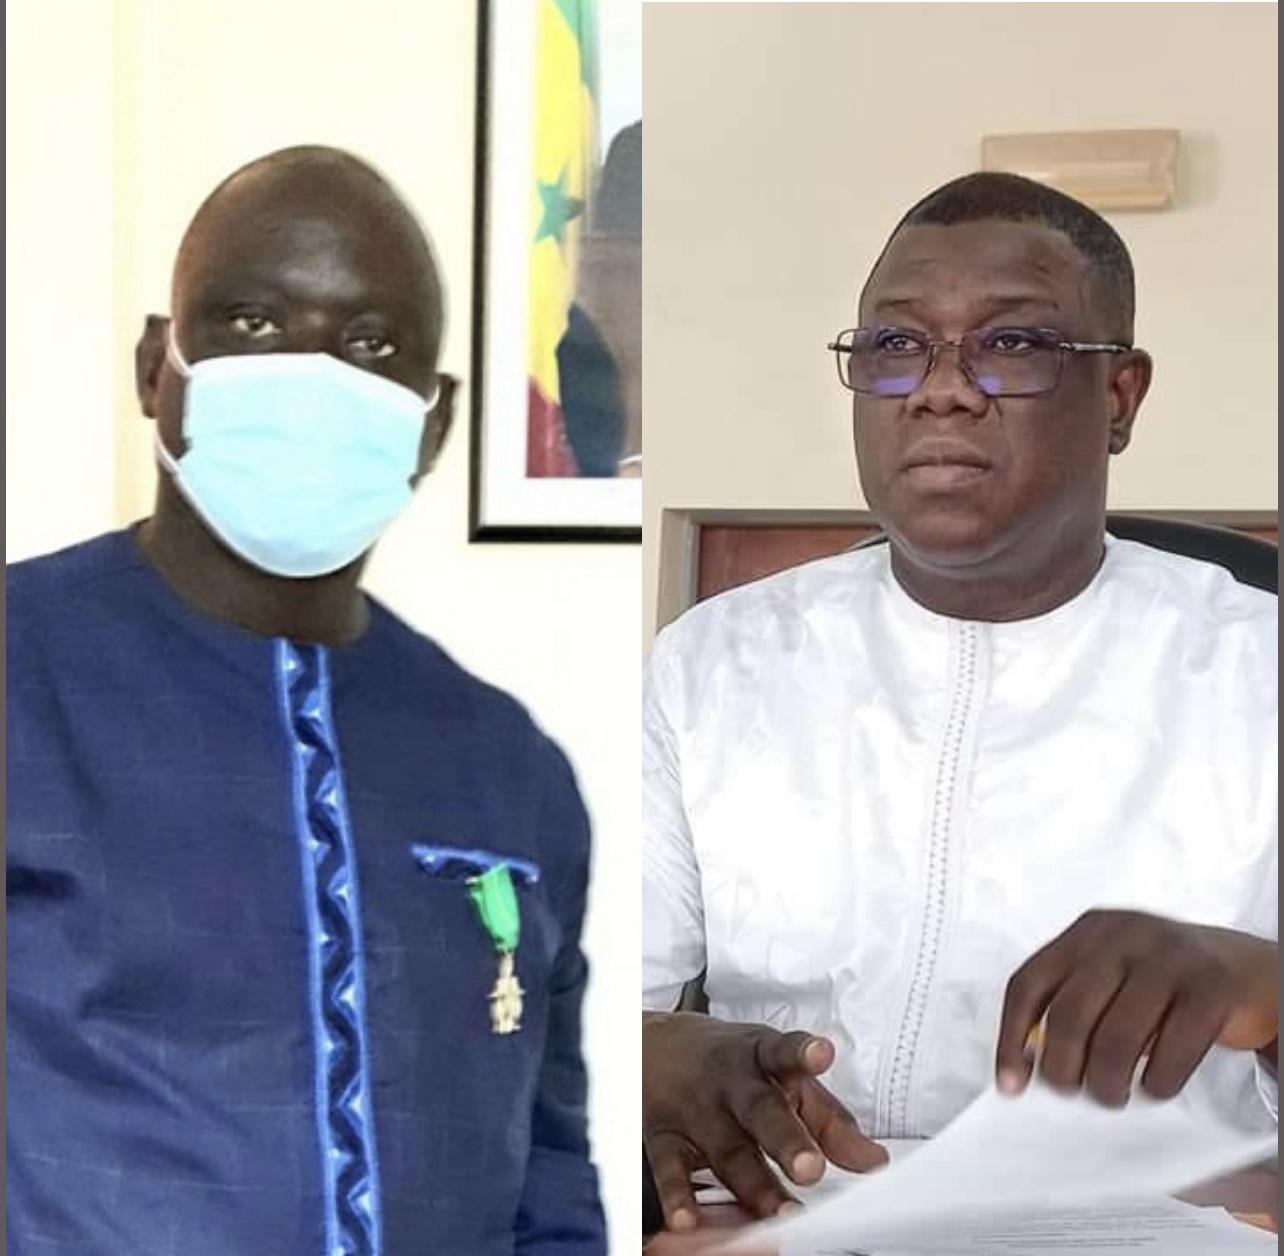 Choix pour la Mairie de la ville de Ziguinchor/ Seydou Sané peut-il détrôner Abdoulaye Baldé ?